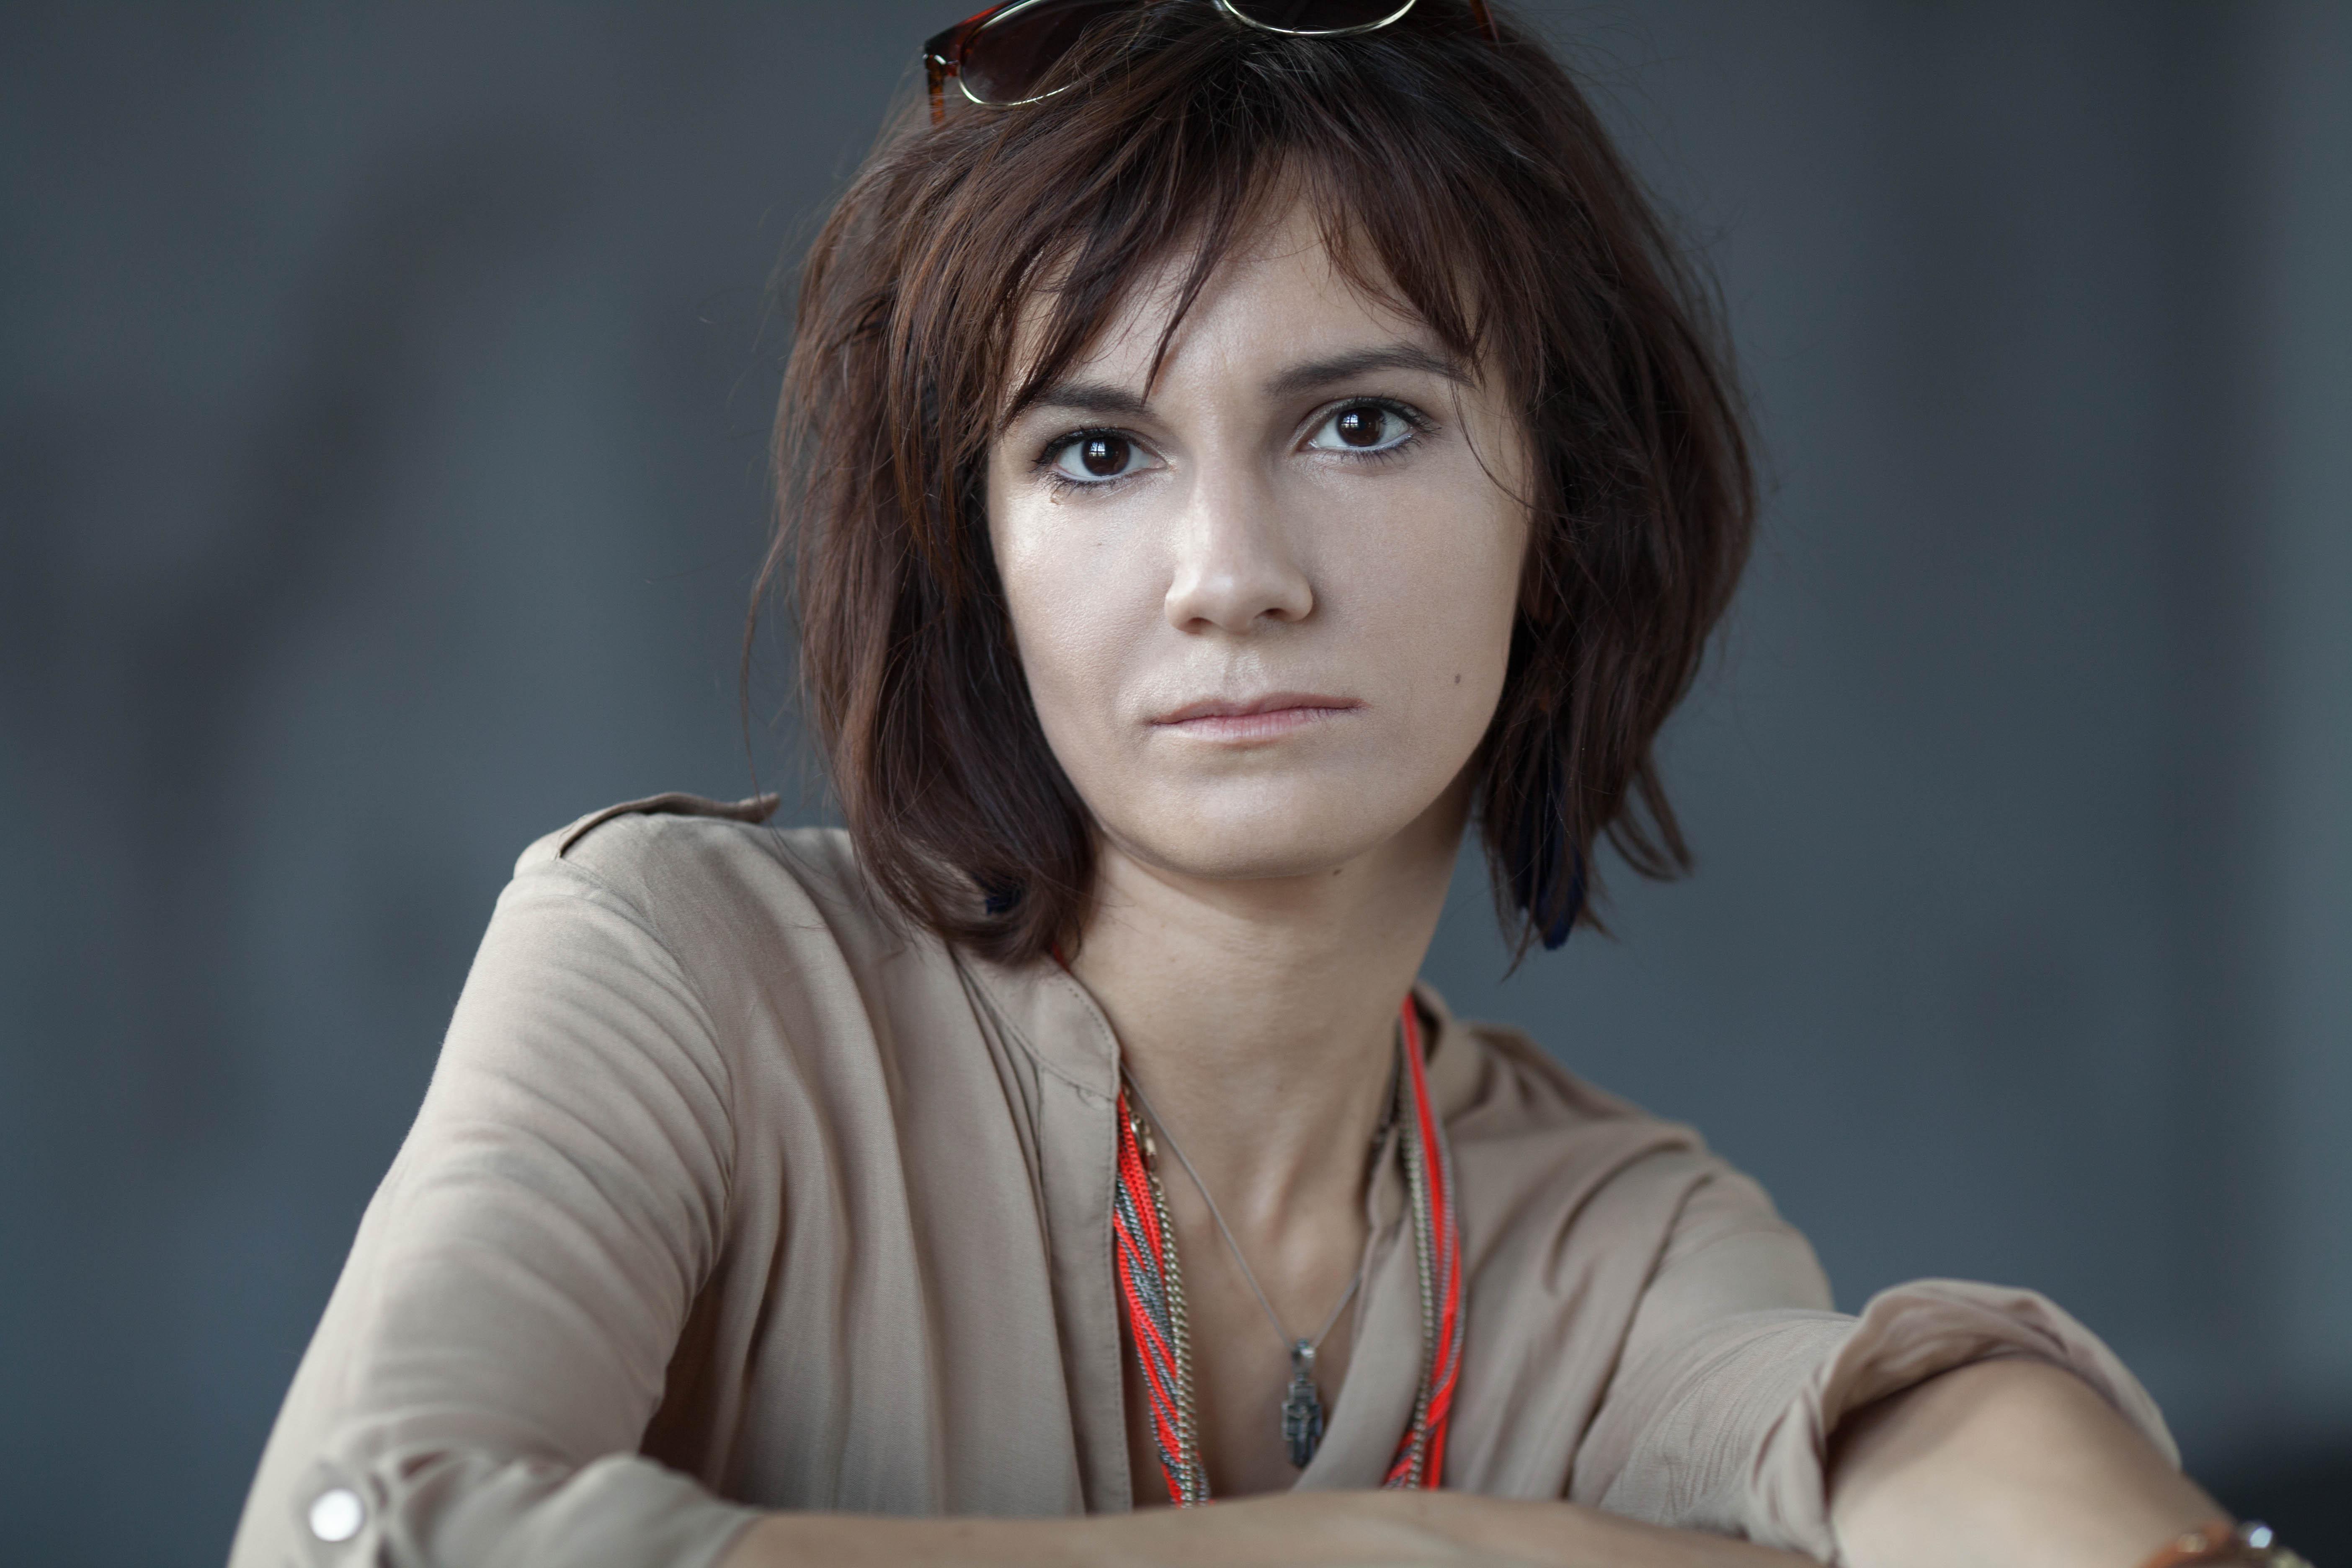 Вера Водынски: «Академия Михалкова открыла меня как режиссера»